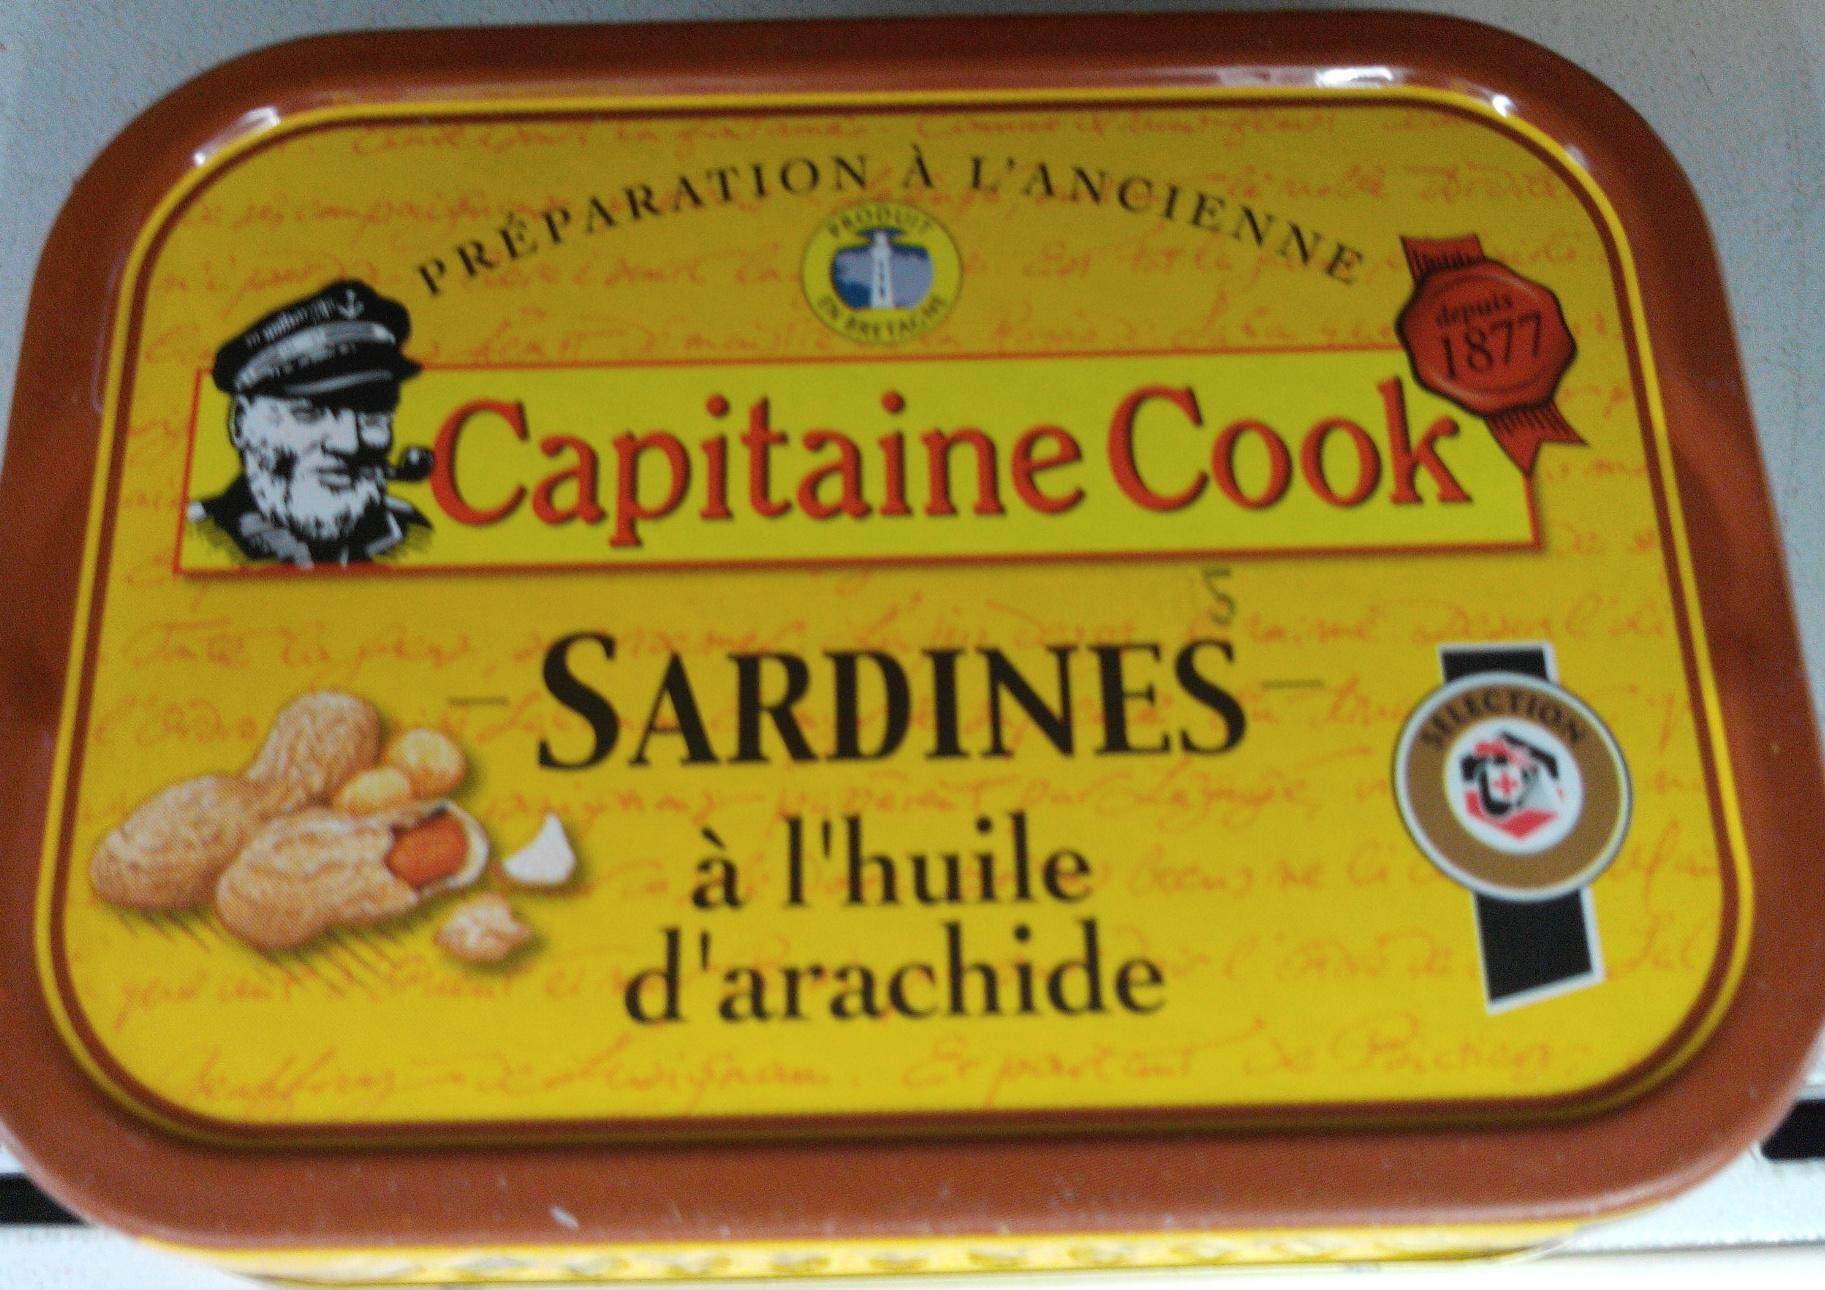 Sardines à l'huile d'arachide - Produit - fr